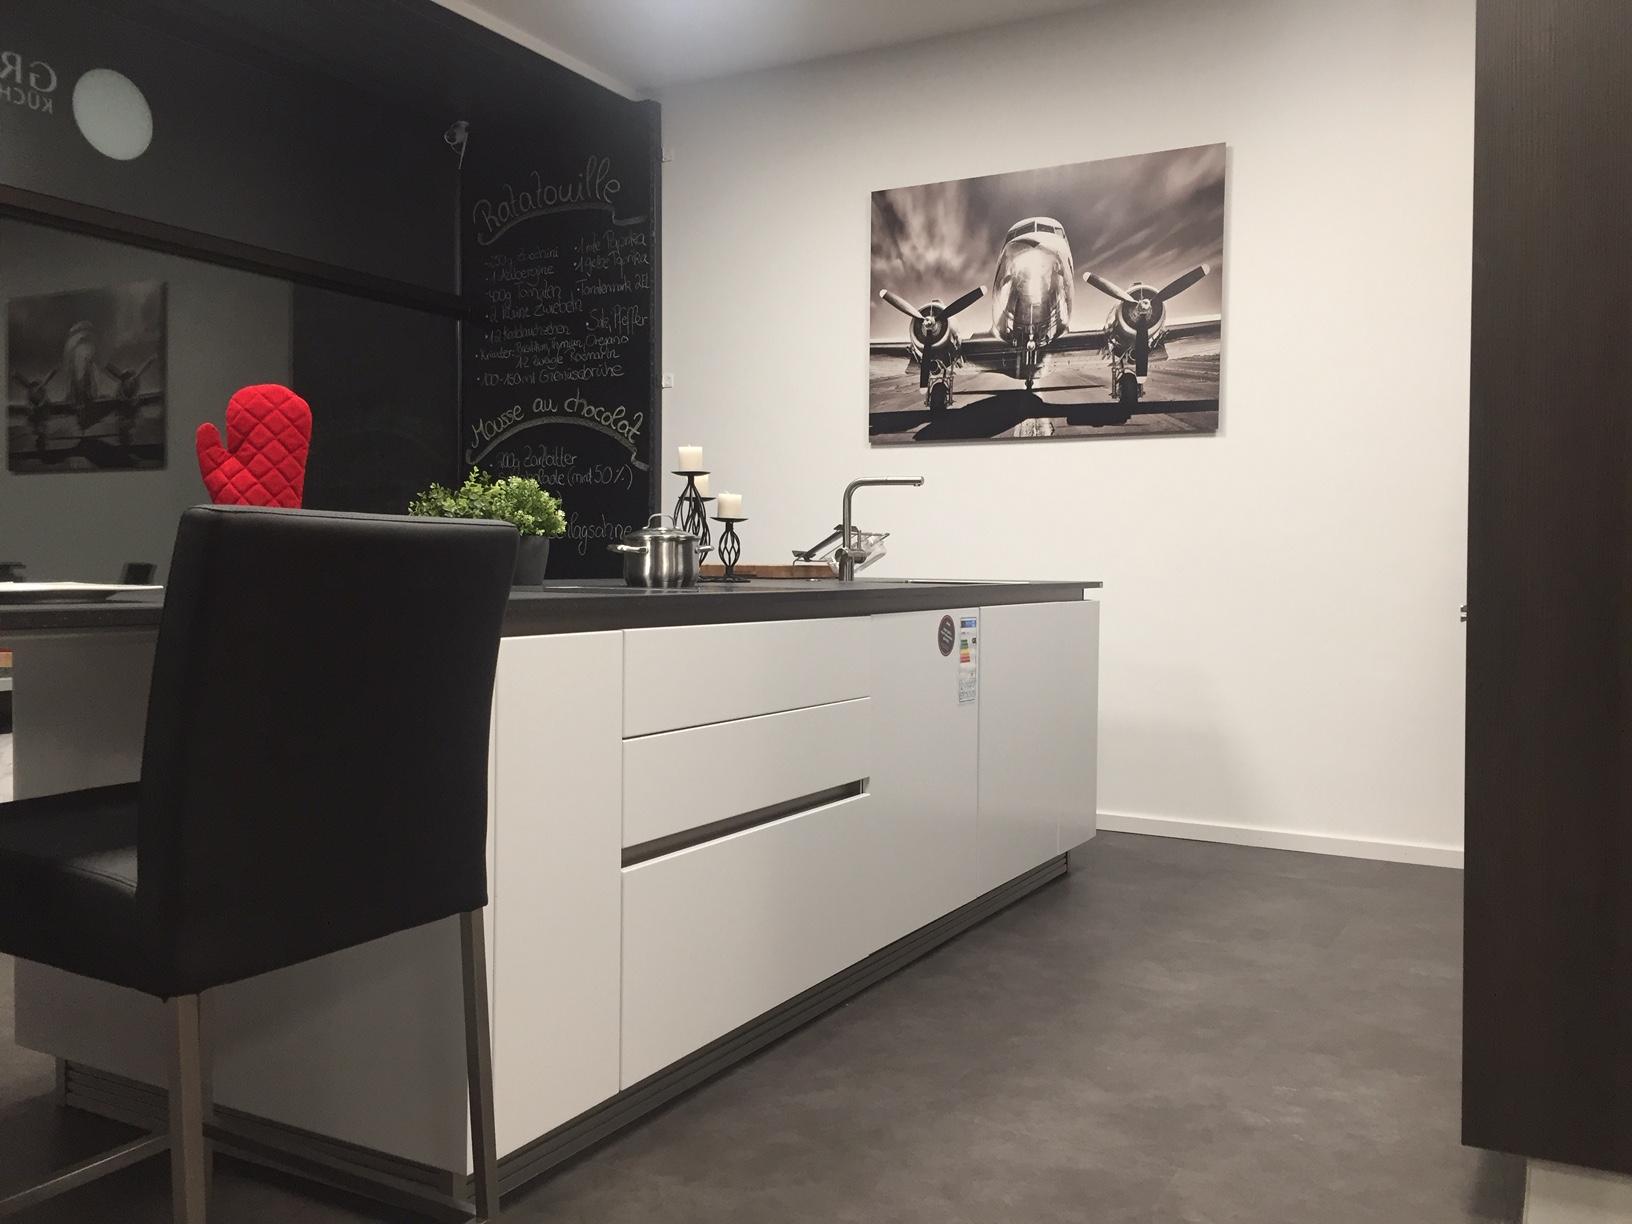 Full Size of Holzküche Auffrischen Dampfgarer Greiner Kchenplanung Vollholzküche Massivholzküche Wohnzimmer Holzküche Auffrischen